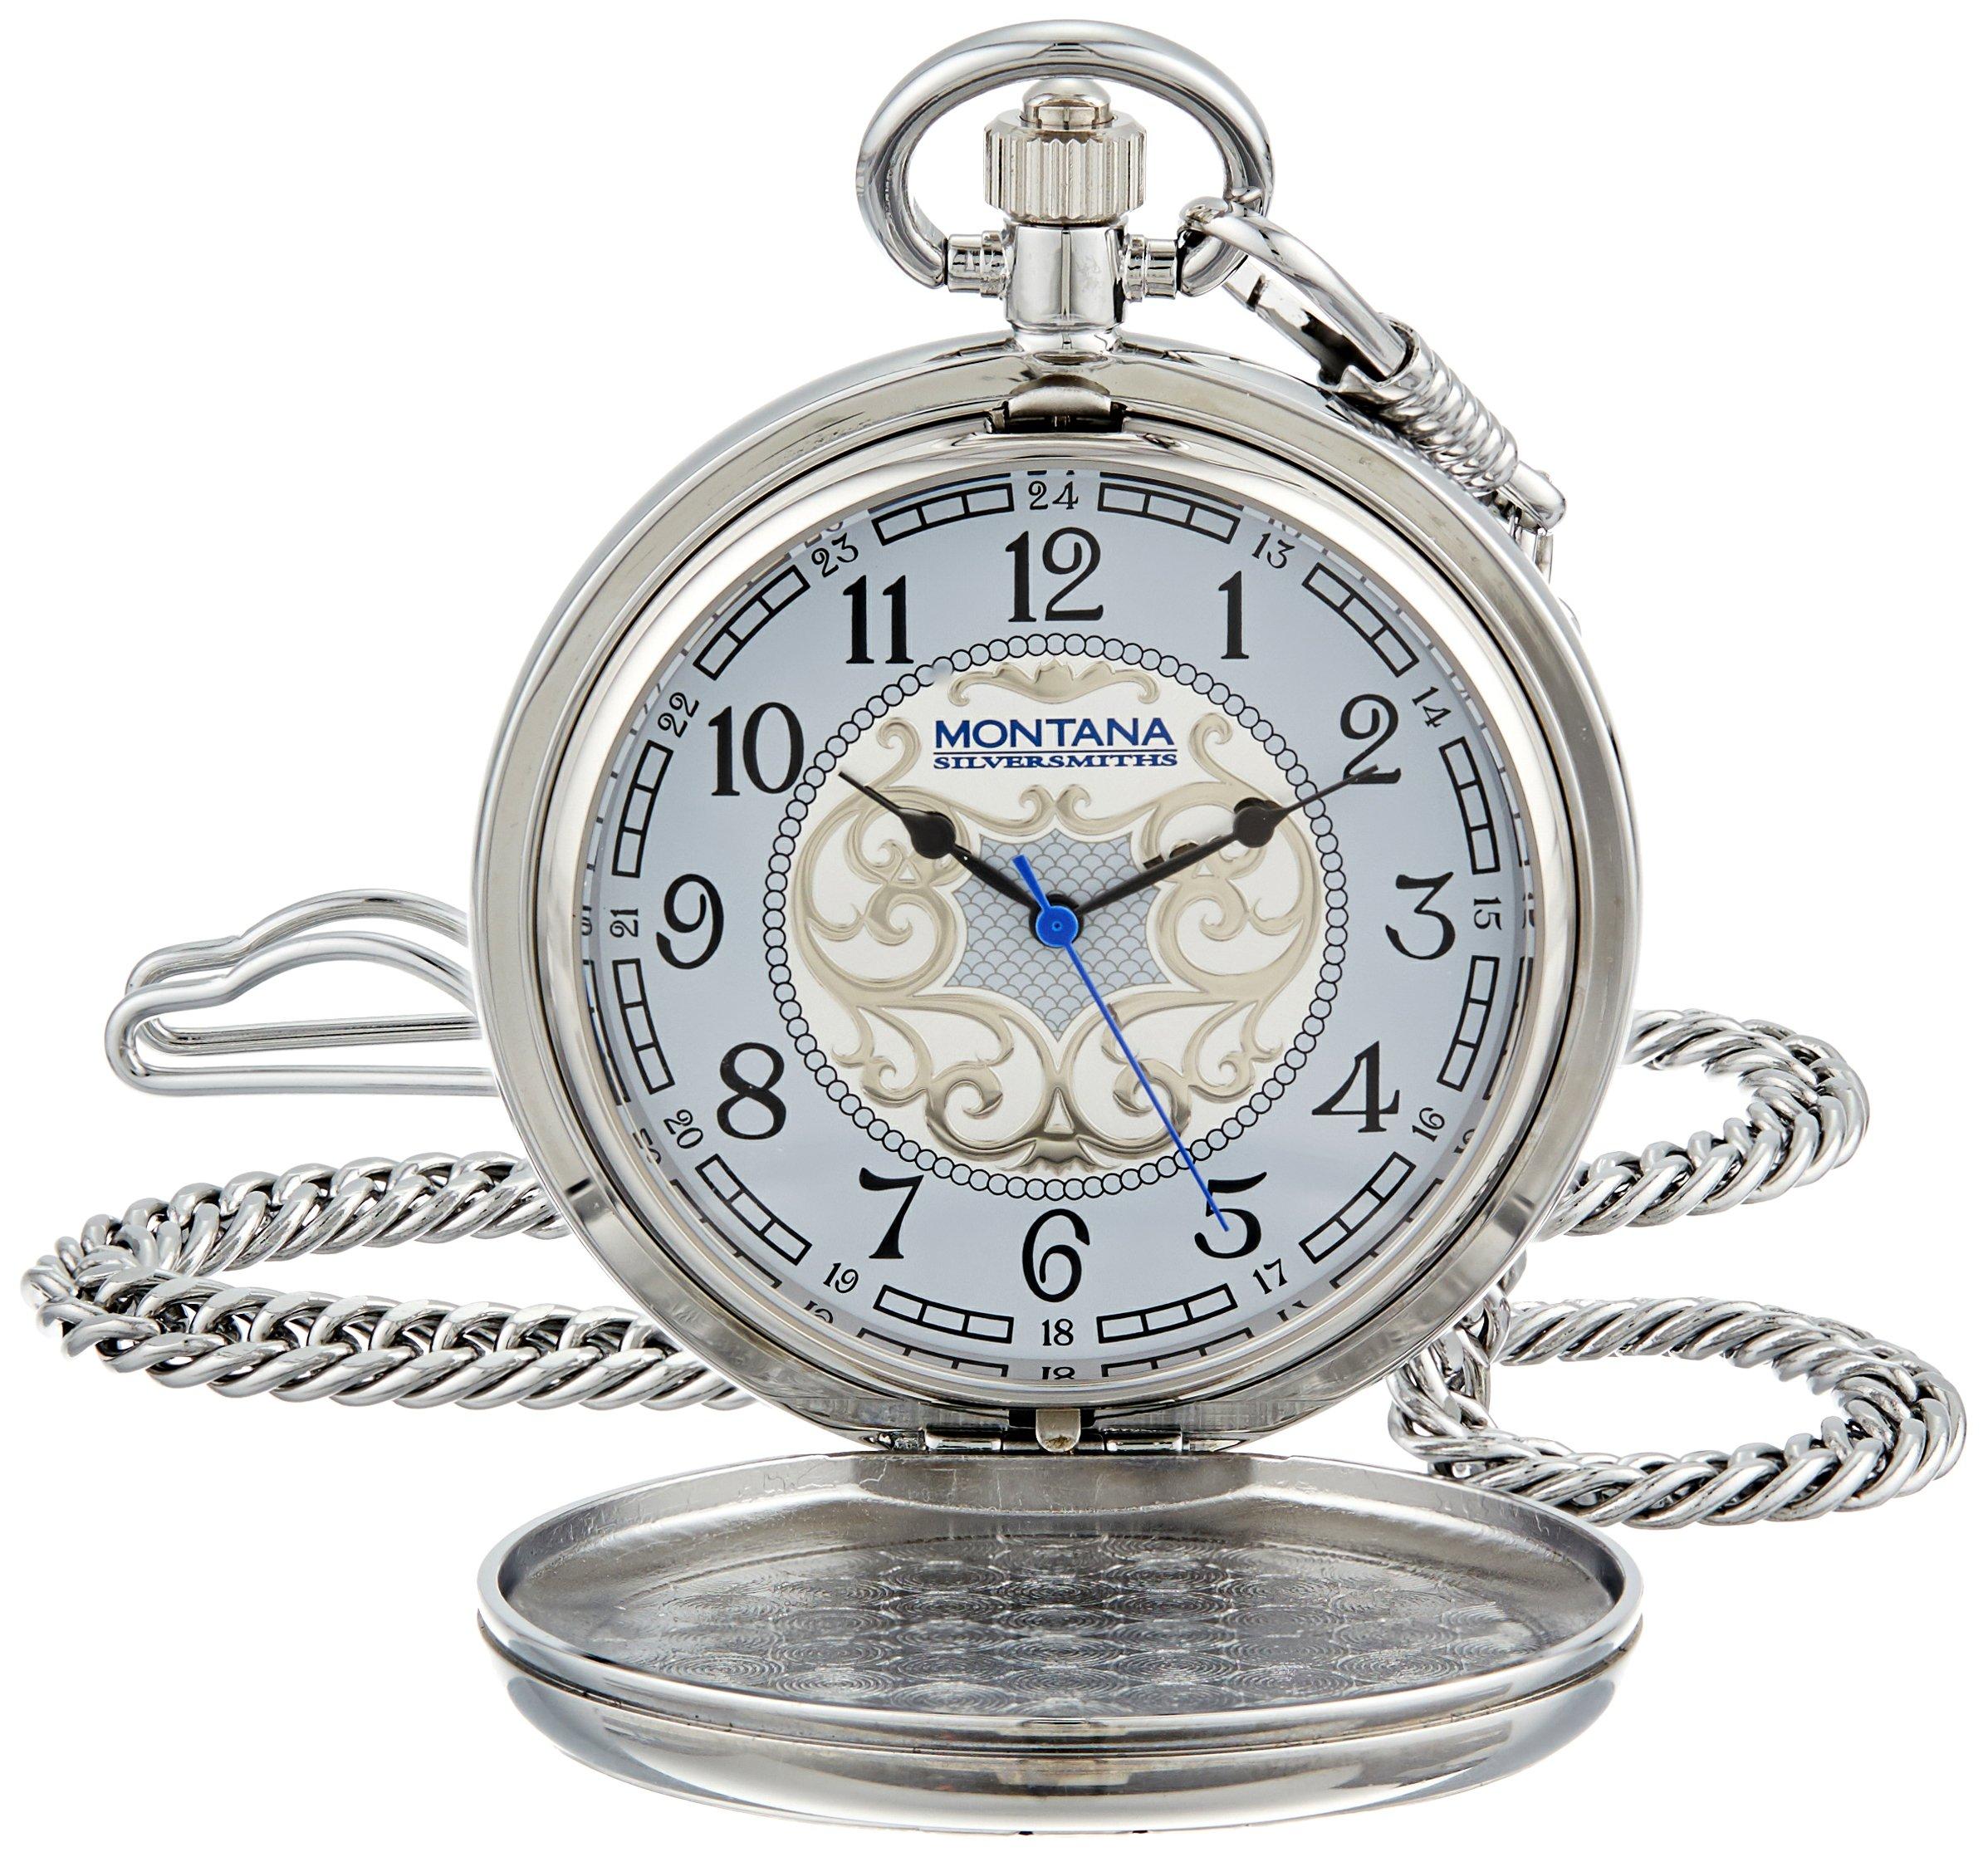 Montana Silversmiths WCHP41-447S Montana Time Analog Display Quartz Pocket Watch by Montana Silversmiths (Image #1)